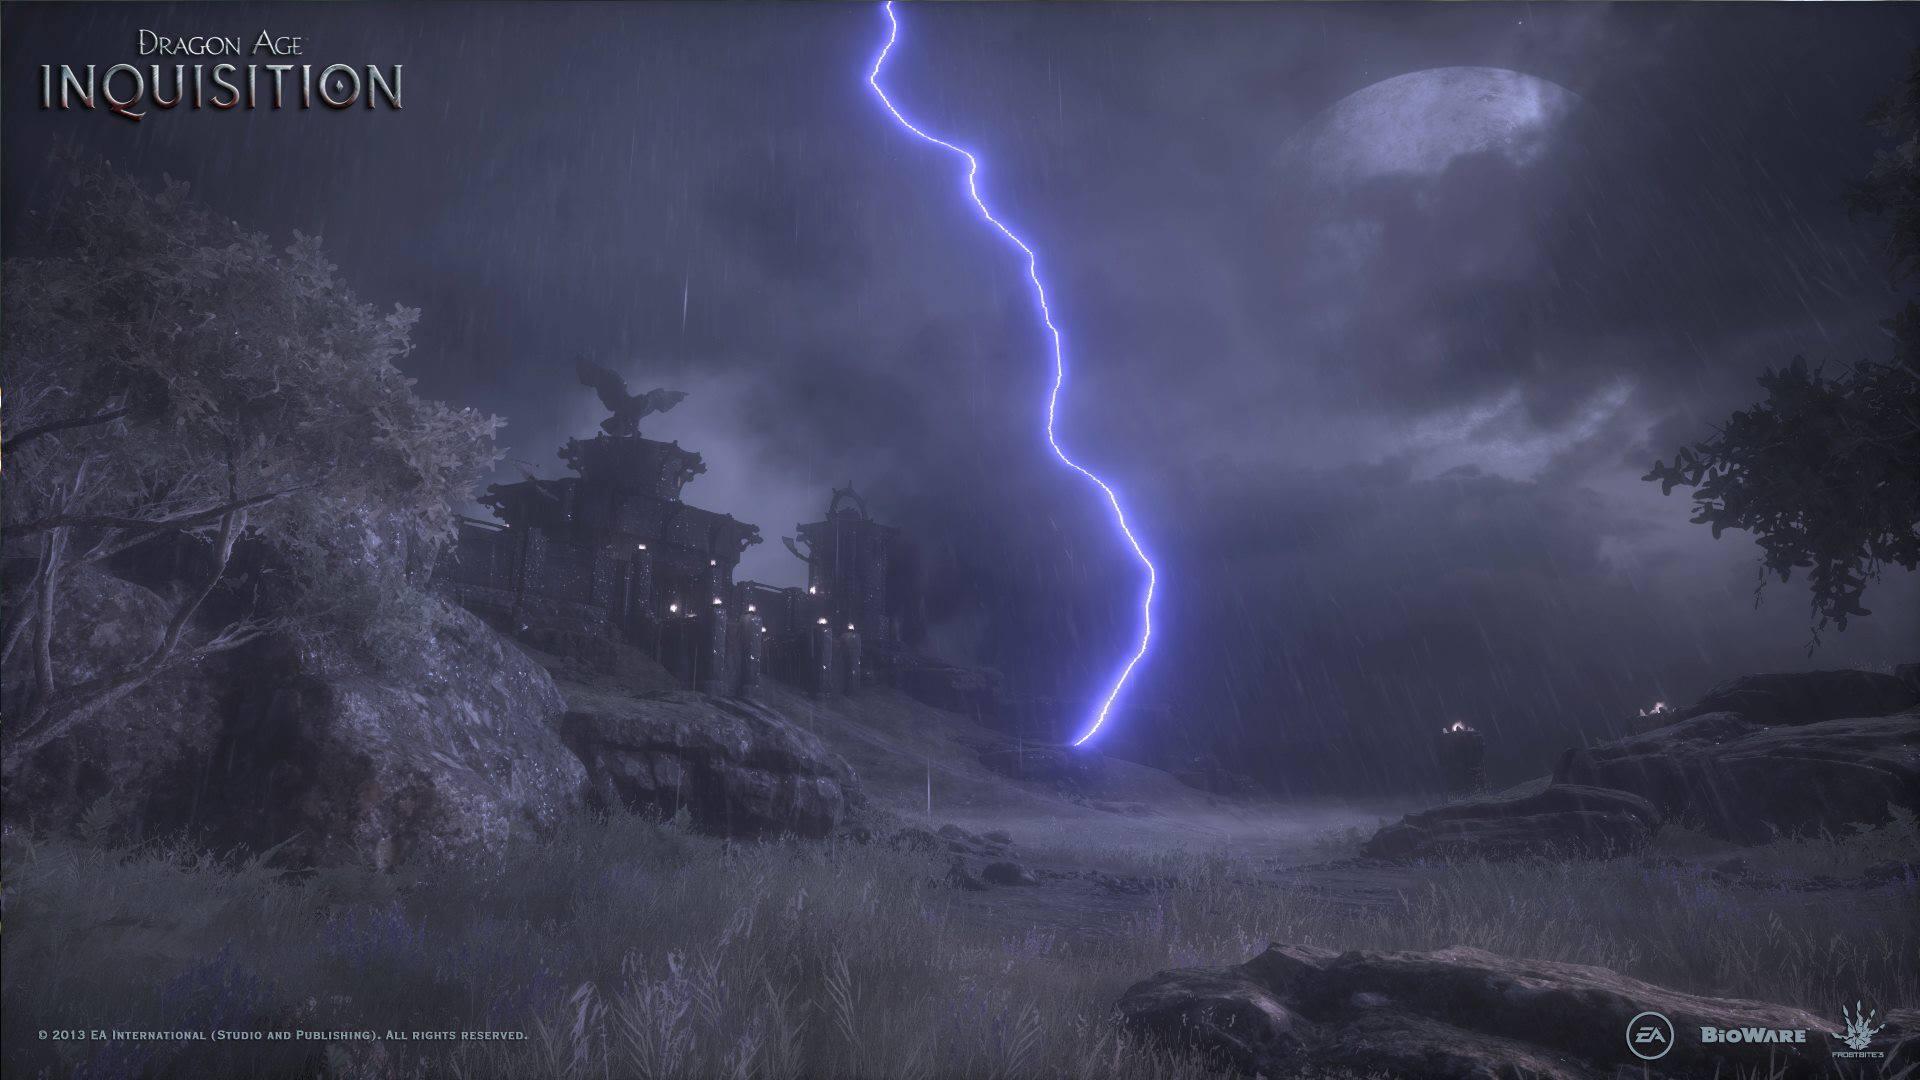 VengefulTemplar/Dragon Age: Inquisition - Concept Art 14